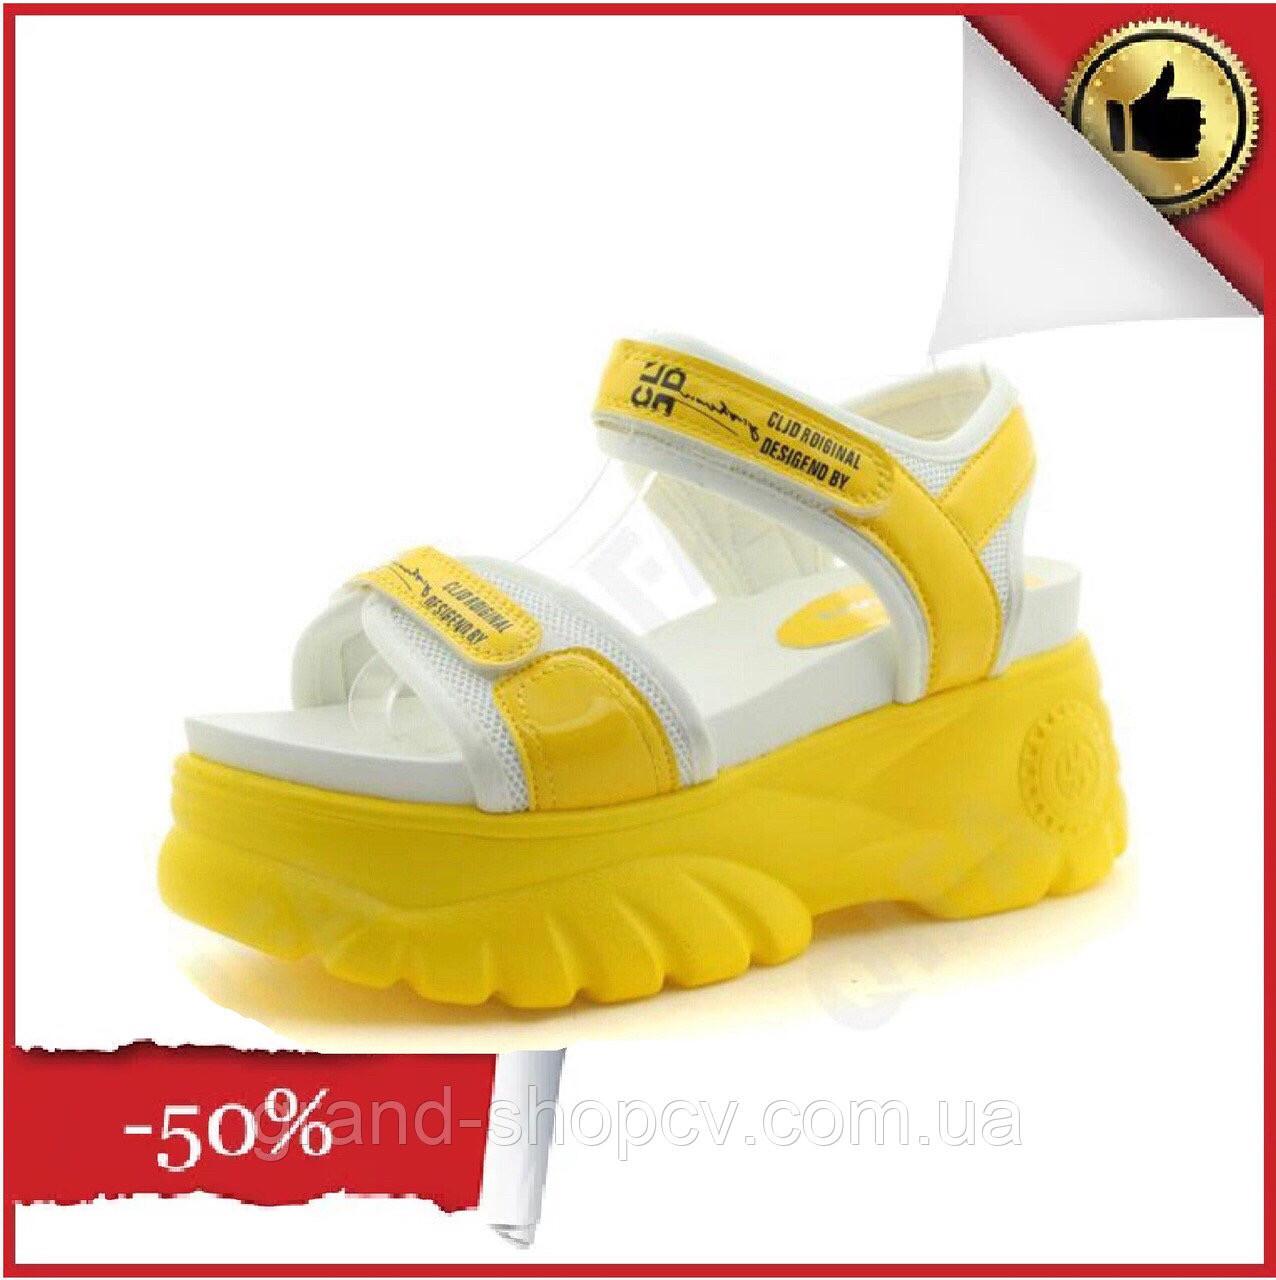 Женские стильные белые с желтым Босоножки на платформе Эко-кожа Horoso Fashion 41 Размер (маломиркы)